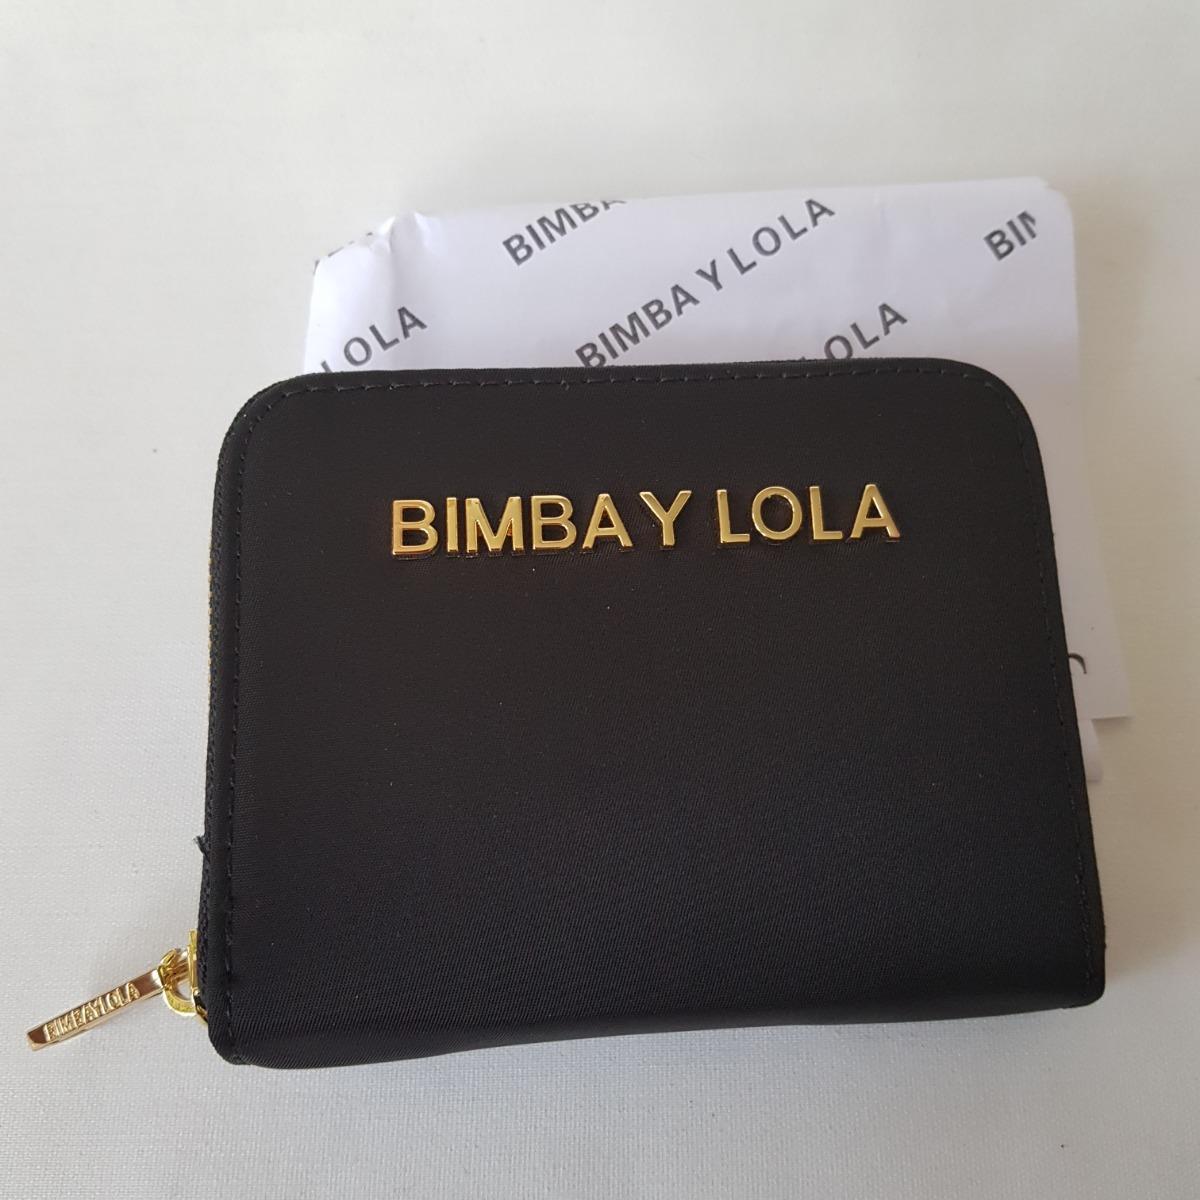 zapatos de separación a14c6 d44e7 Billeteras Bimba Y Lola Small